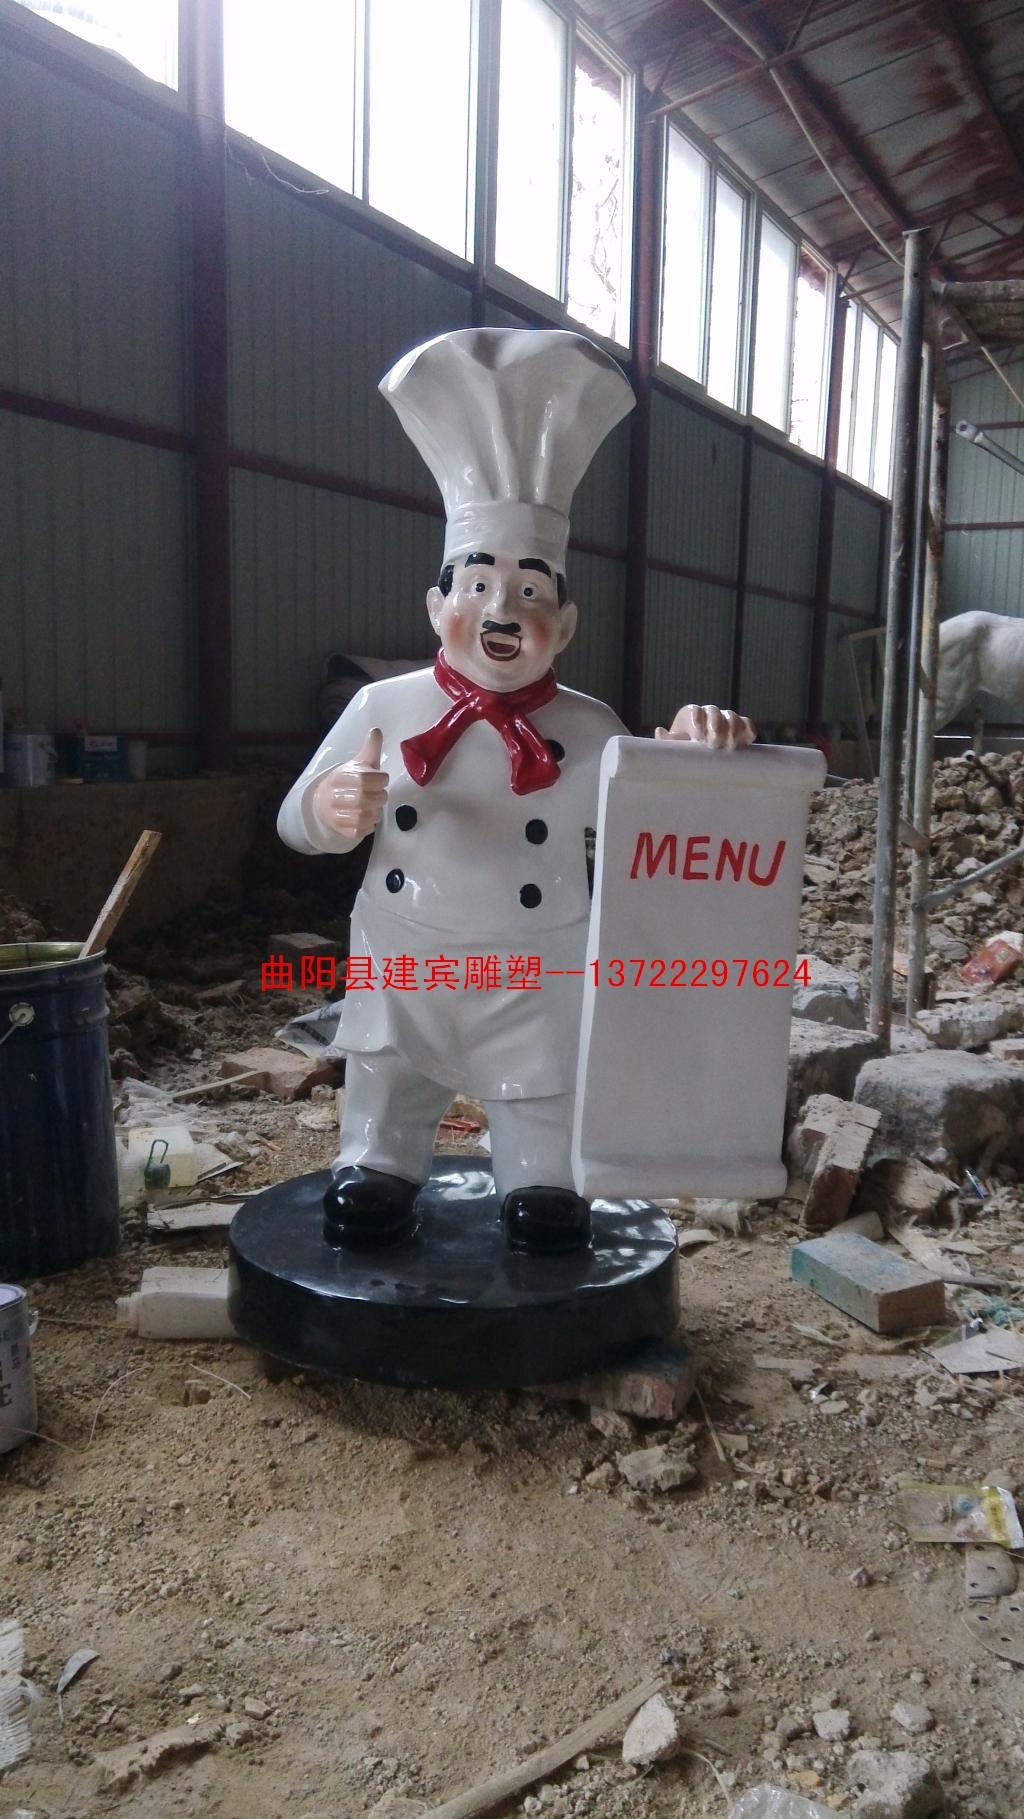 建宾雕塑供应玻璃钢雕塑厨师雕塑饭店酒店西餐厅蛋糕房门口摆件